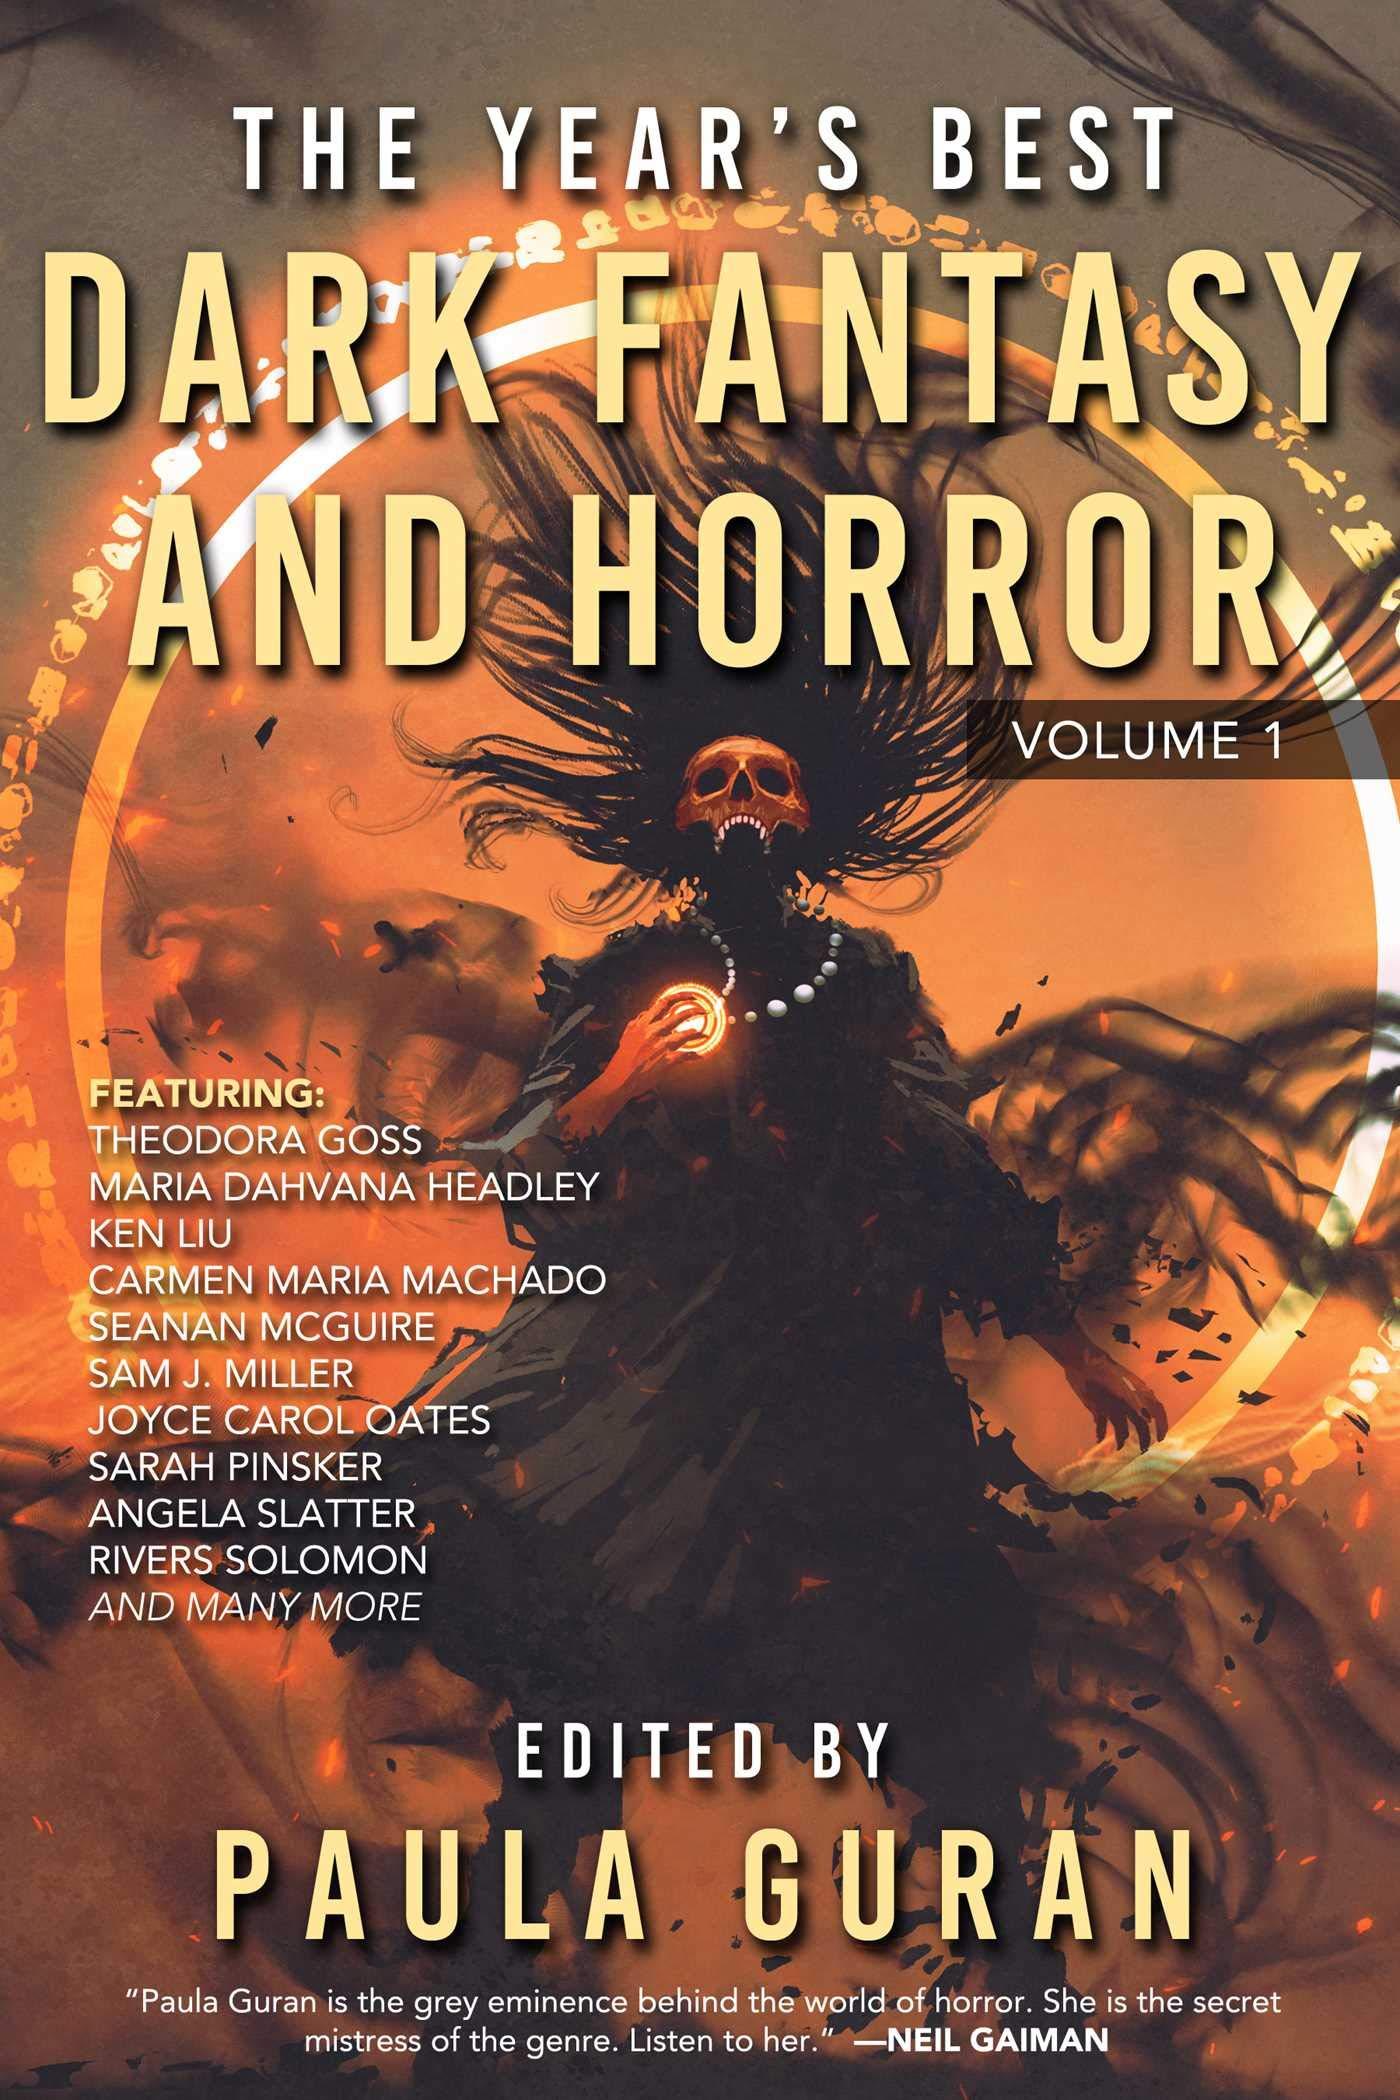 The Year's Best Dark Fantasy & Horror: Volume One